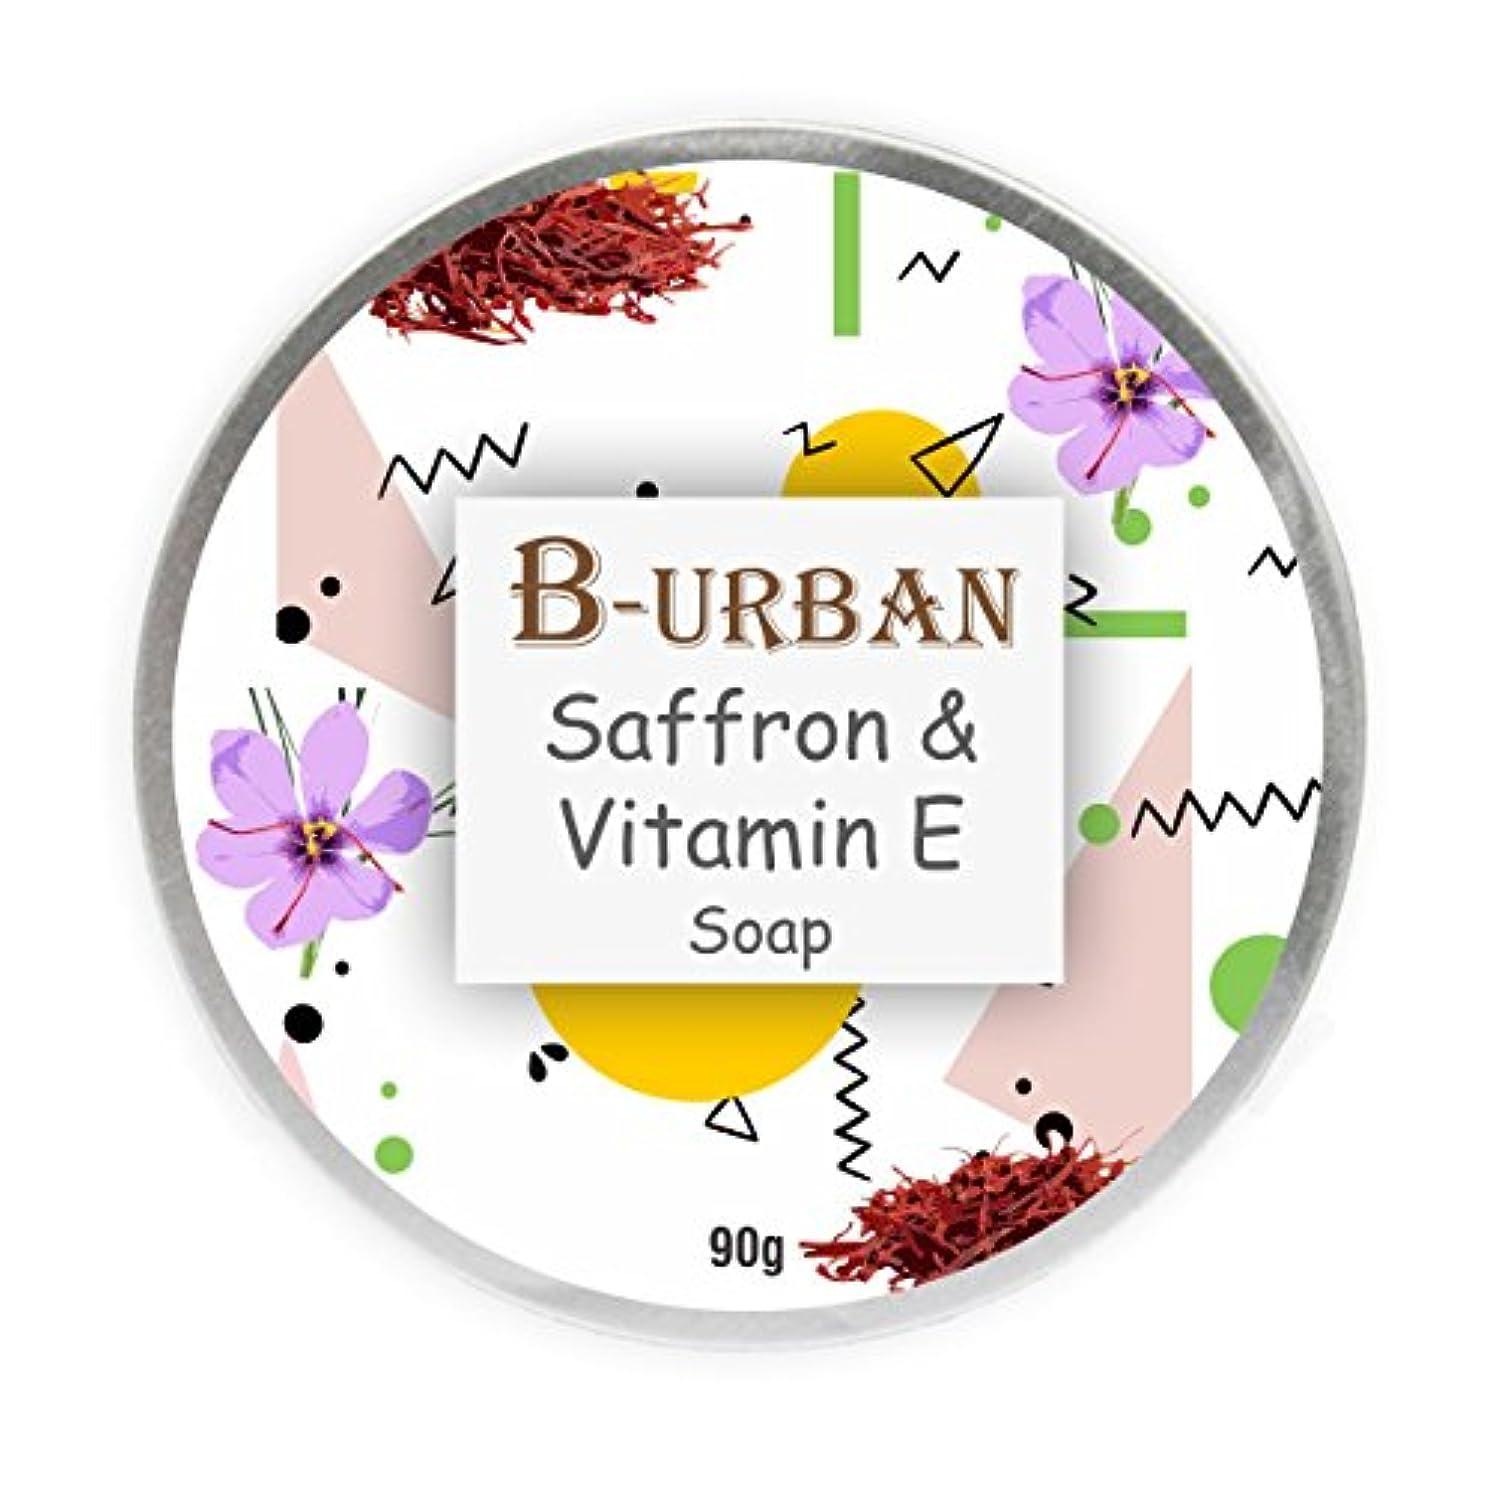 例示する意図上院議員B-URBAN SAFFRON & VITAMIN E SOAP MADE WITH NATURAL AND ORGANIC INGREDIENTS. PARABEN AND SULPHATE FREE. SOAP FOR...